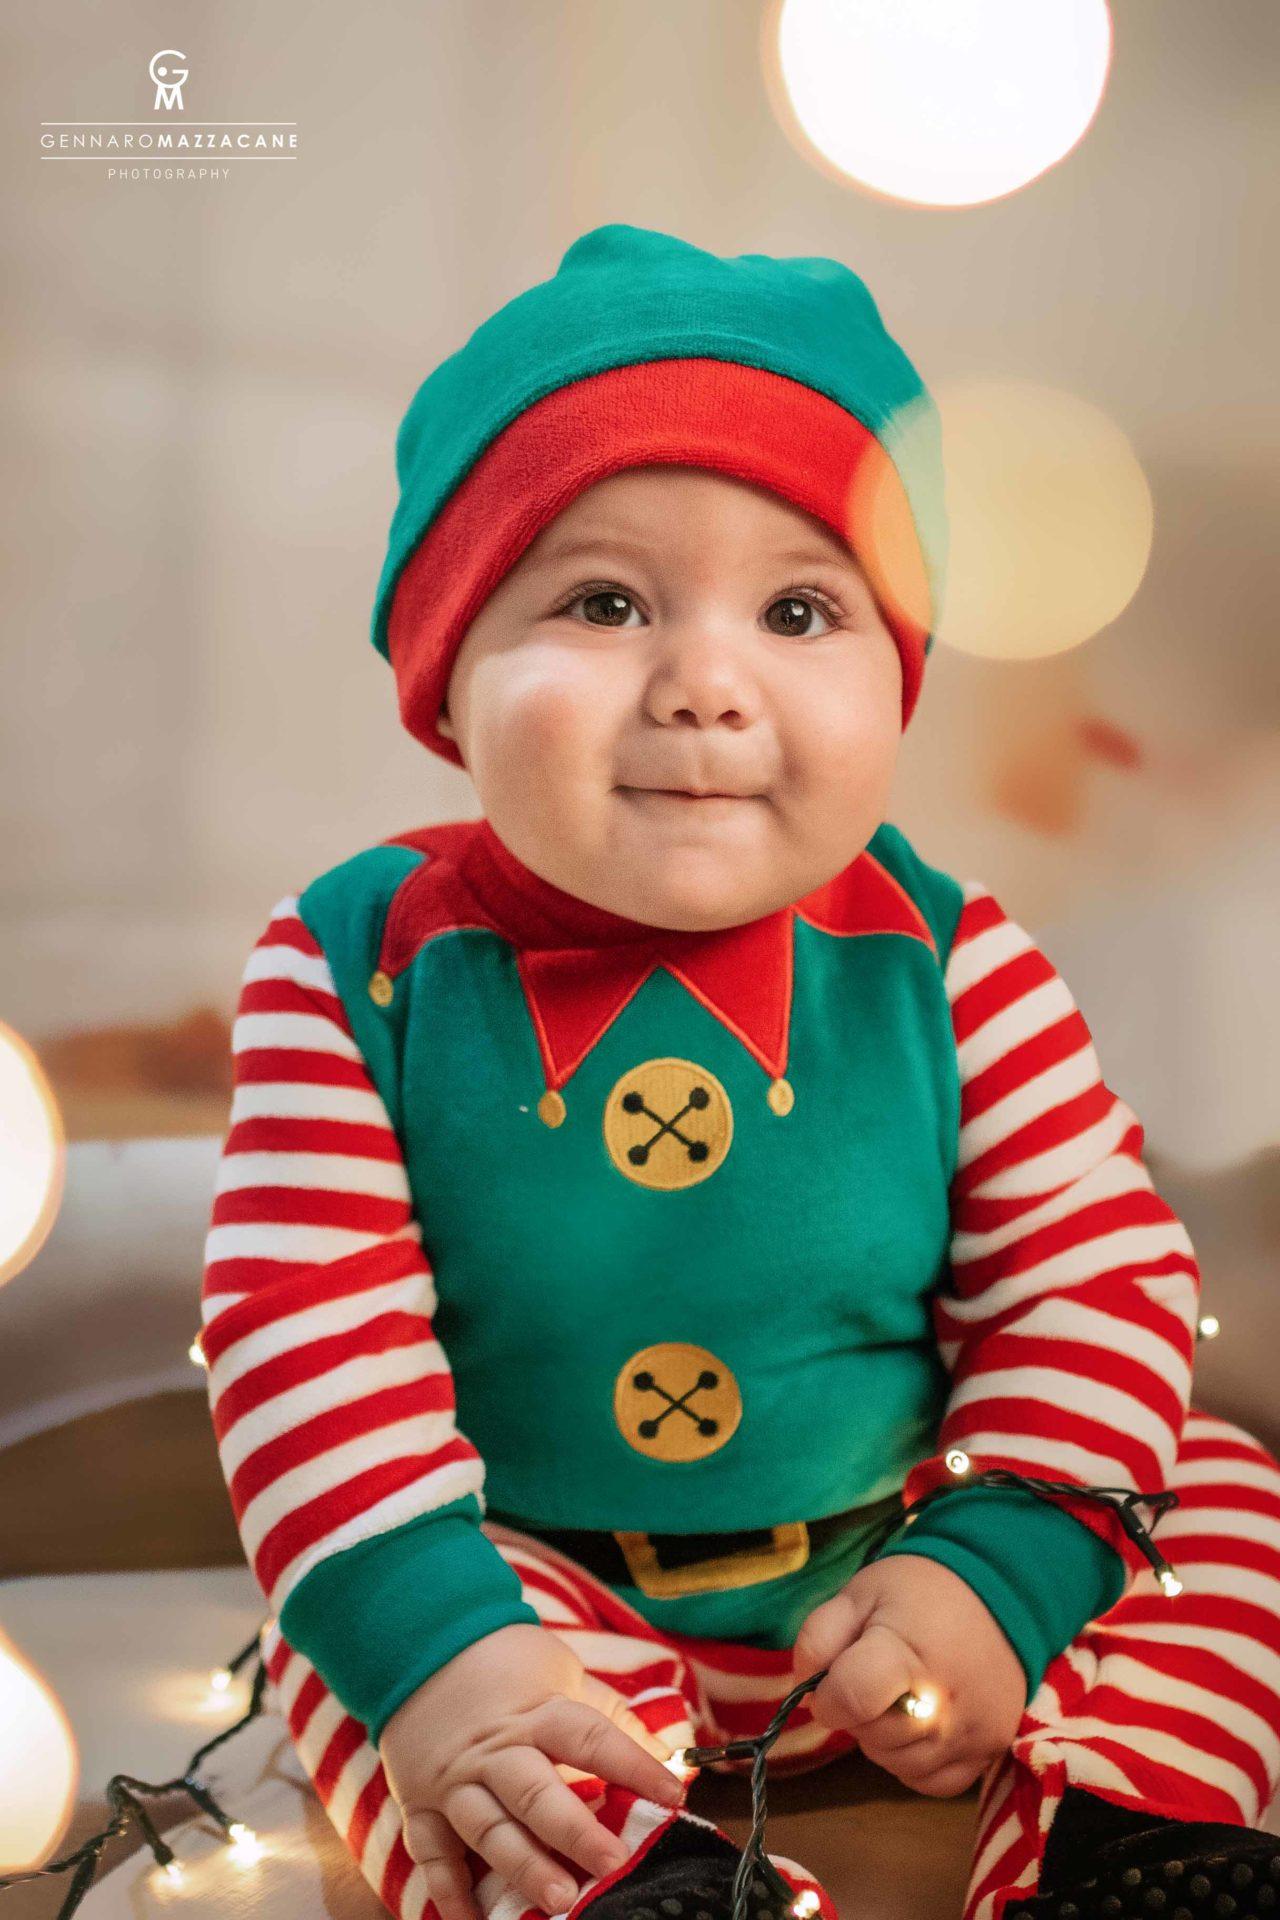 Fotografie di Natale: gli scatti dei i tuoi momenti più belli!